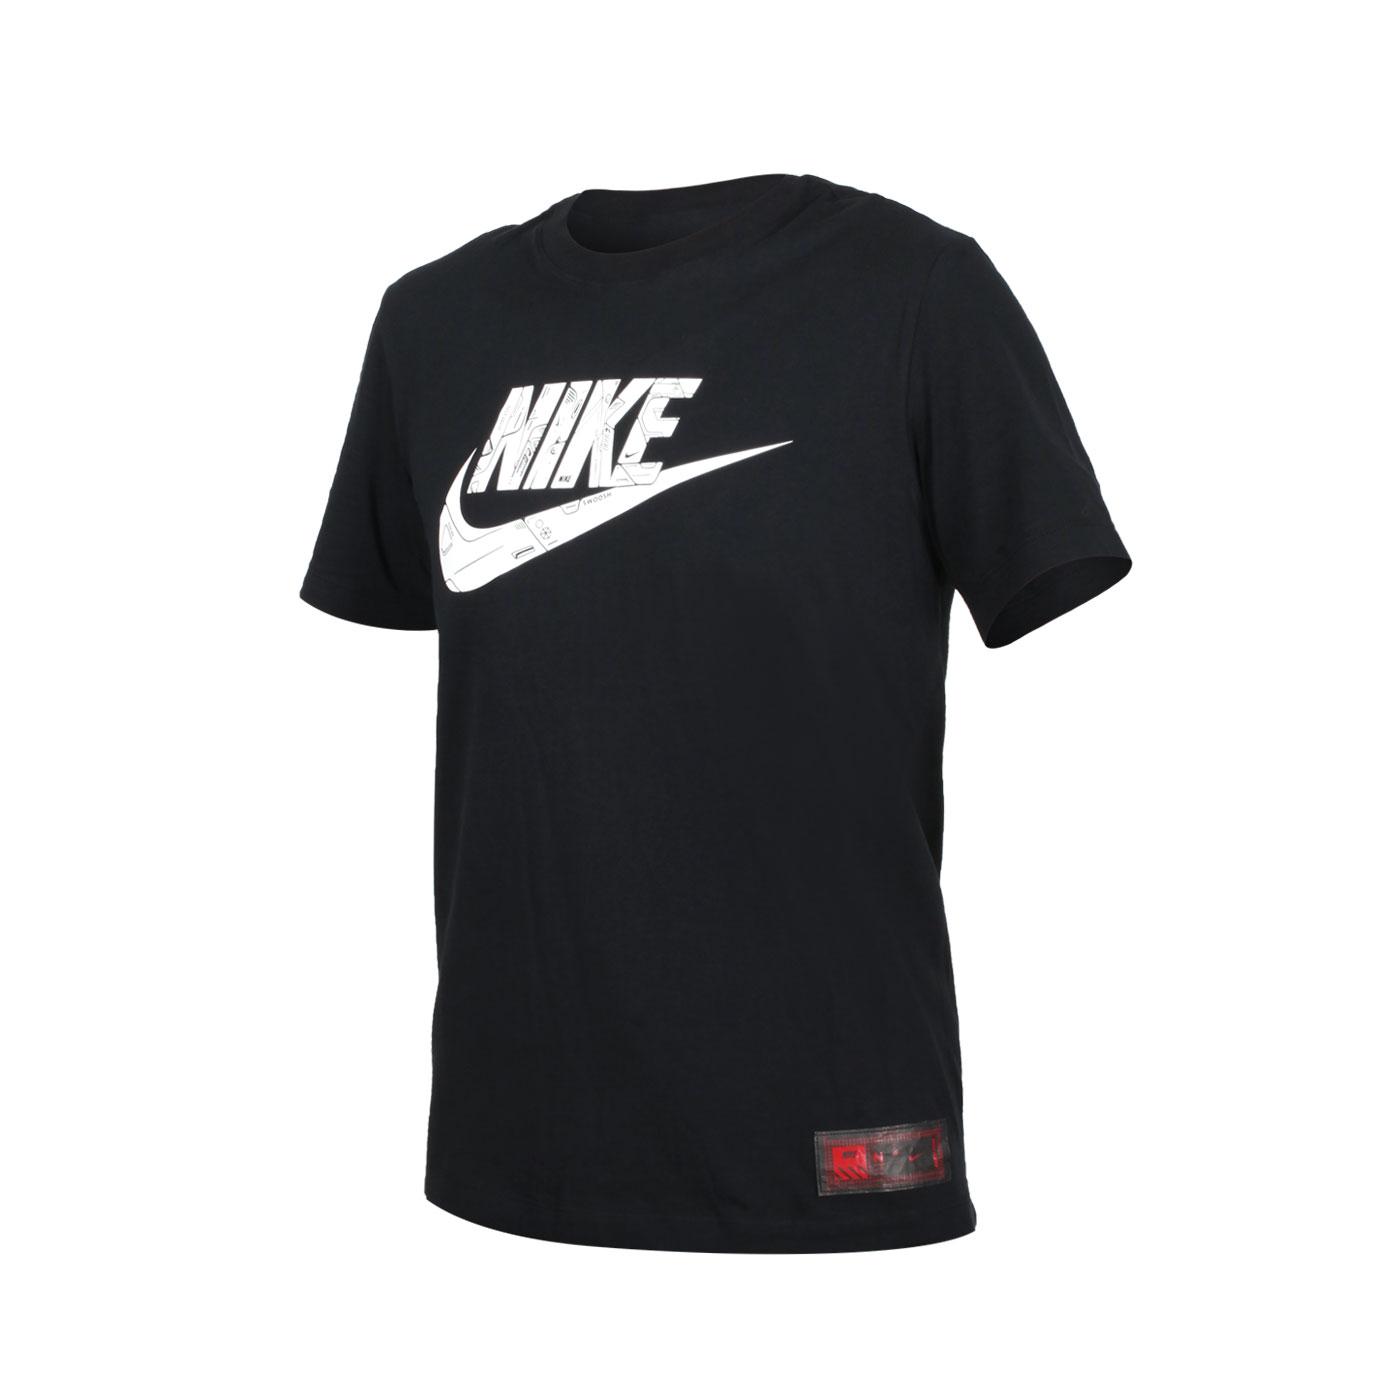 NIKE 男款短袖T恤 DJ1396-010 - 黑白紅